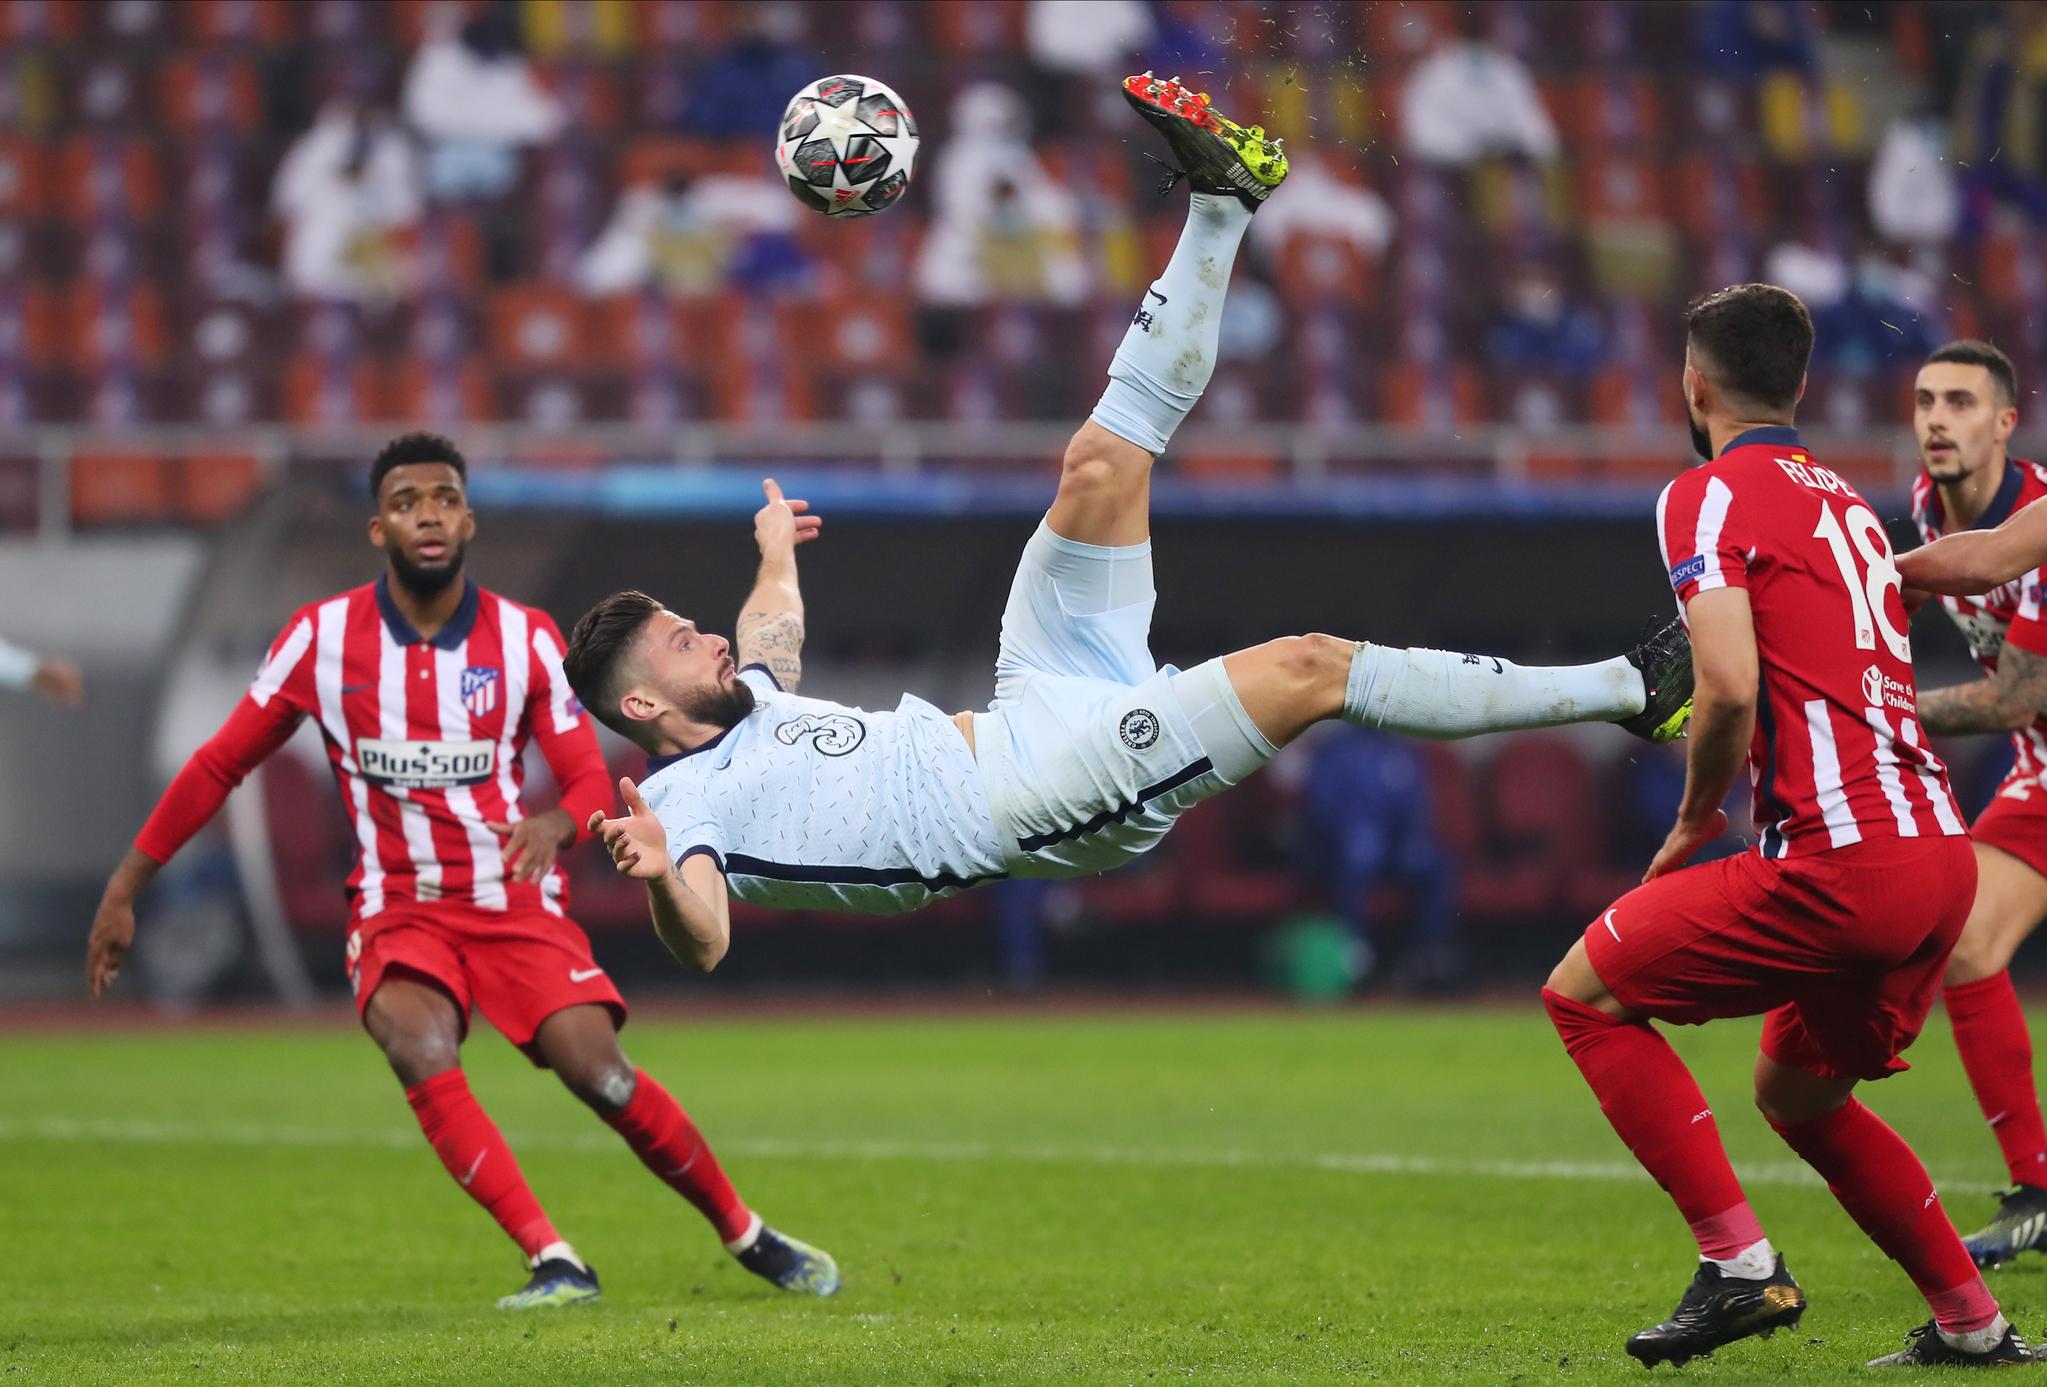 첼시 지루가 환상적인 오버헤드킥 골을 터트리고 있다. [로이터=연합뉴스]